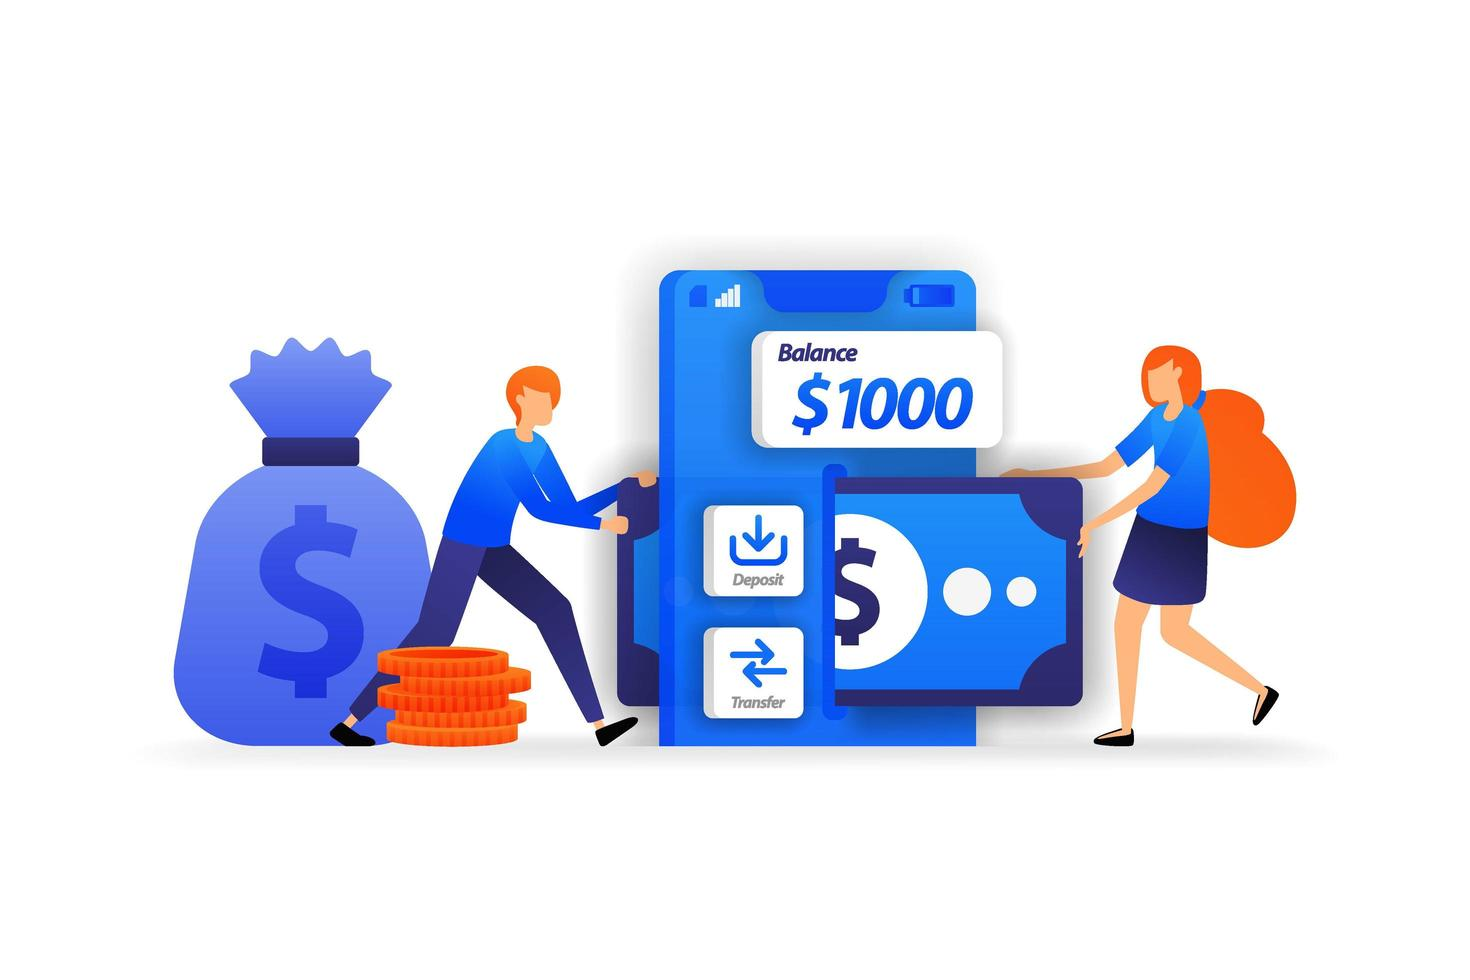 mobilbankappar. säker plats att spara pengar, en kvinna lägger till pengar för att sätta in på kontot. affärsvektorillustrationskoncept för, målsida, webb, ui, banner, flygblad, affisch, mall, bakgrund vektor